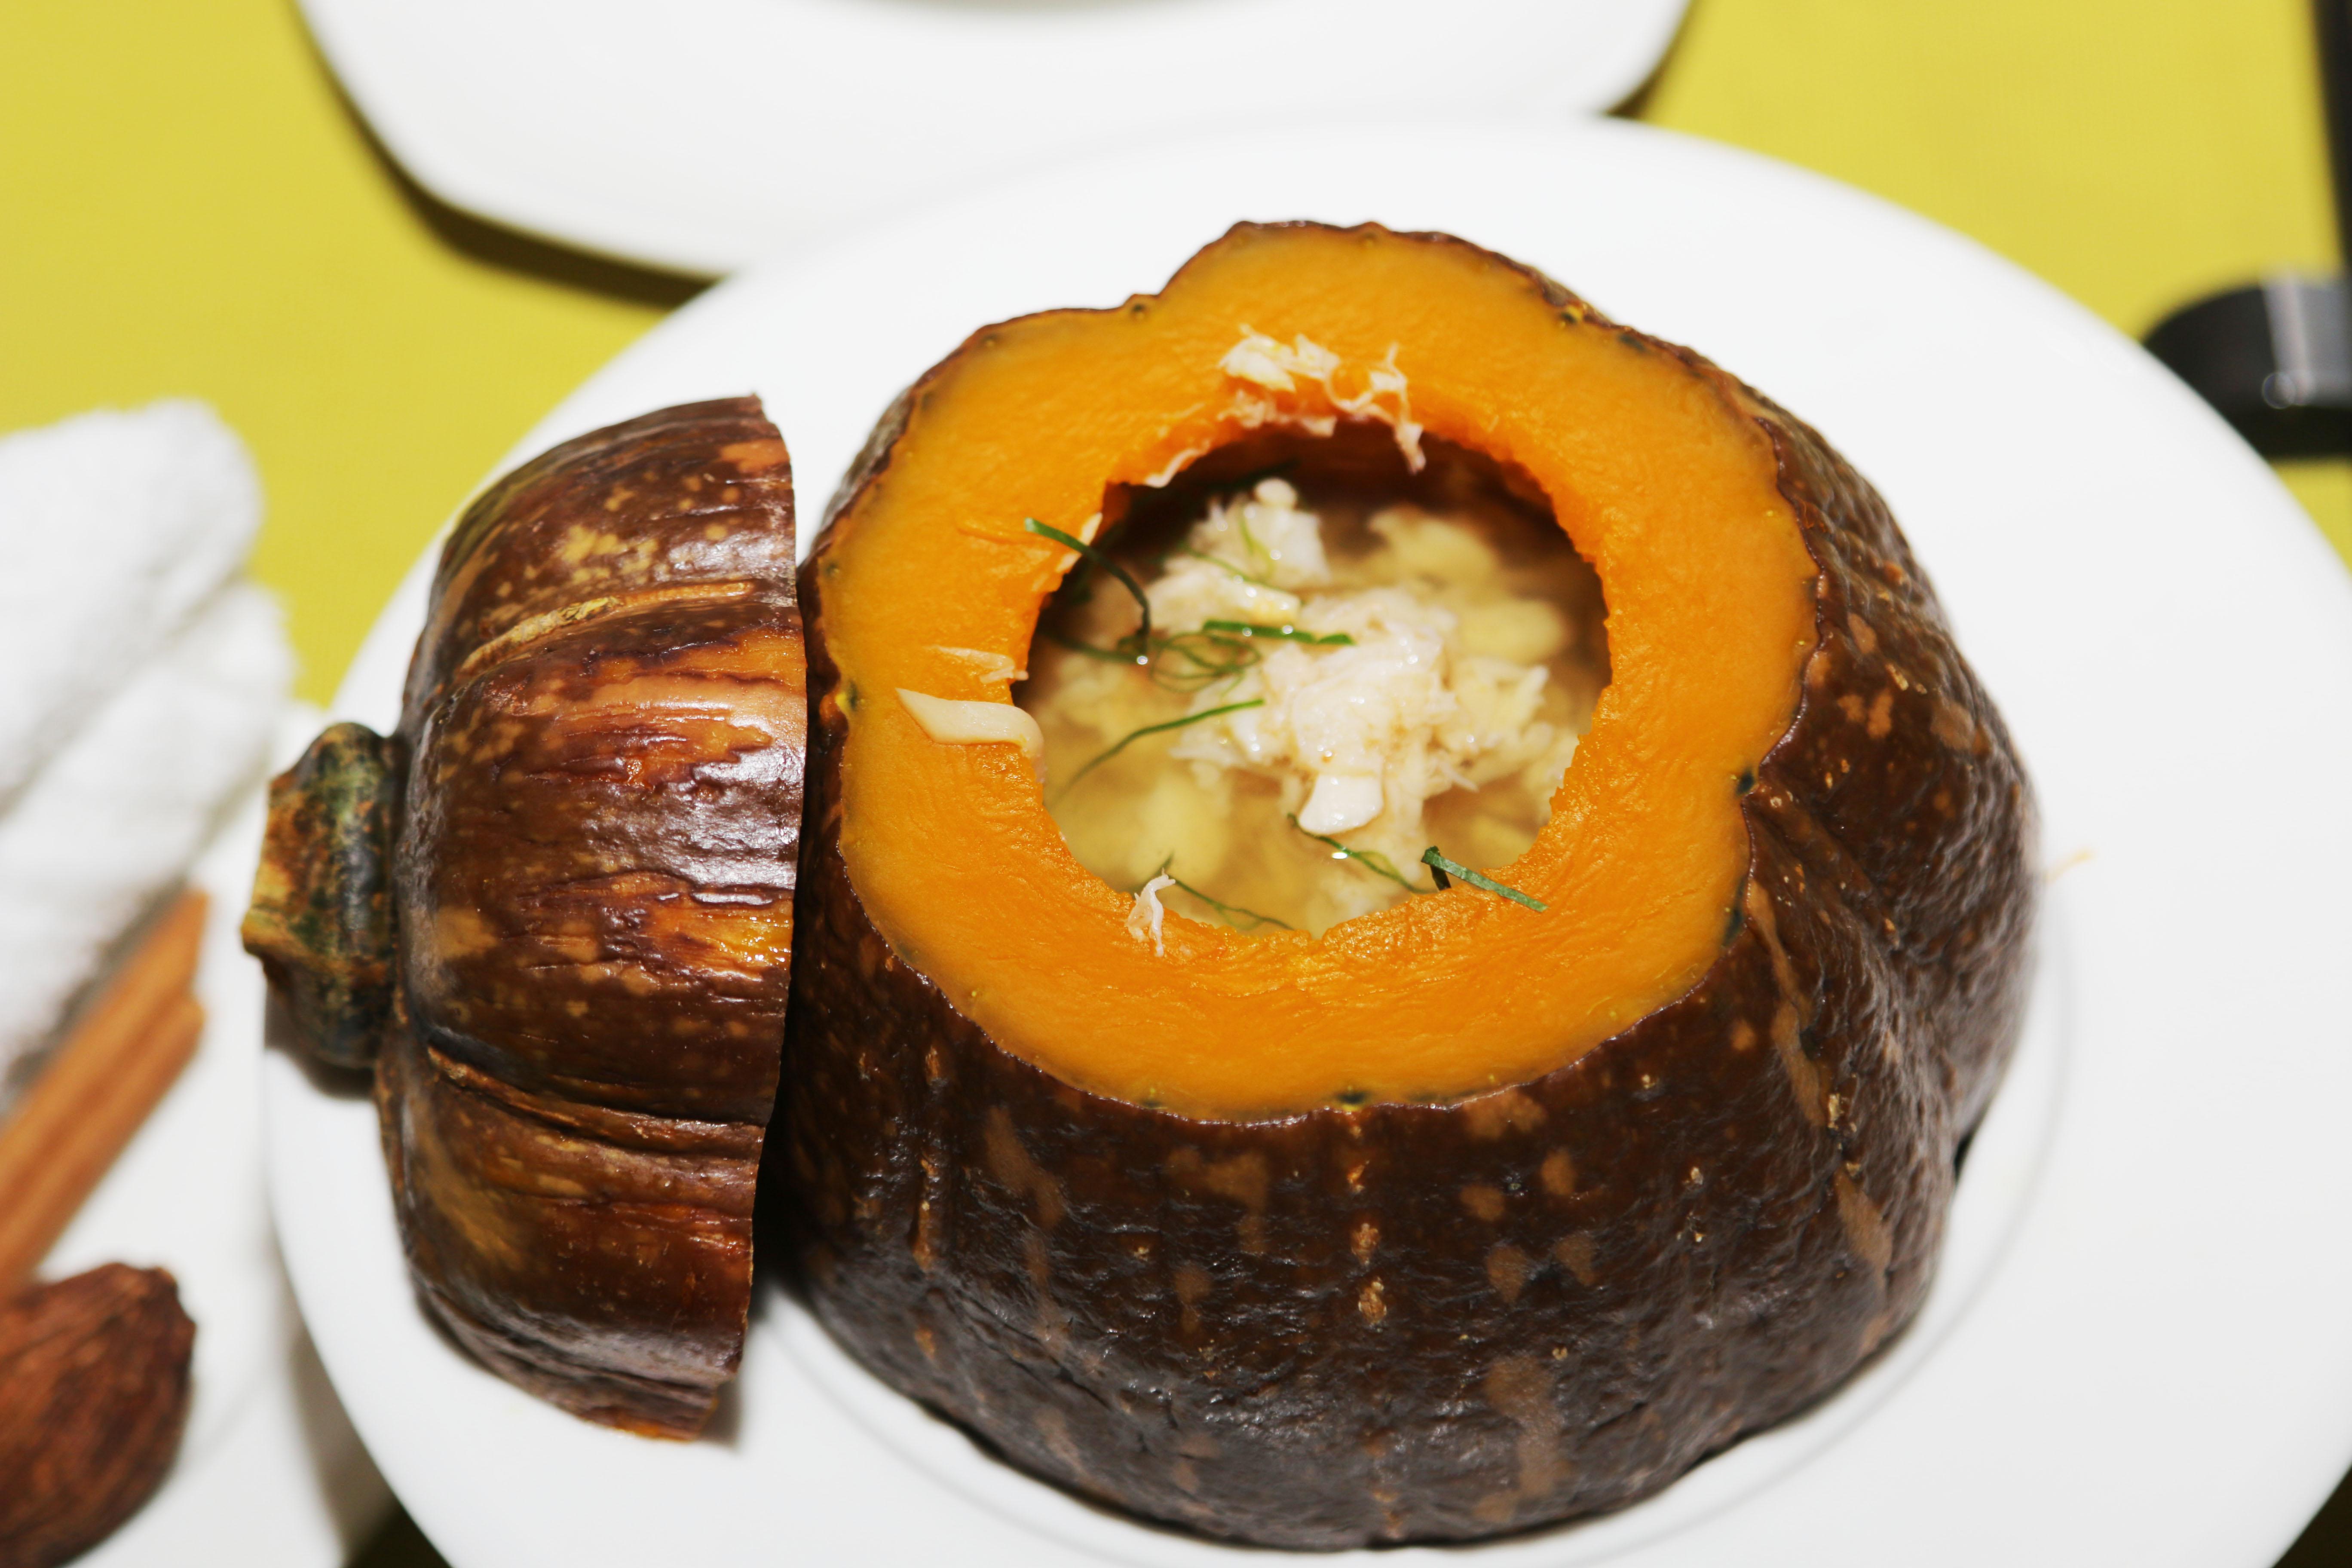 Để thiết đãi các cá nhân OKR xuất sắc, các món ăn được chuẩn bị theo phong cách Việt. Khai vị bằng soup bí ngô cua. Những thớ thịt cua được gỡ mỏng thành sợi kết hợp cùng bí ngô tạo cảm giác thanh đạm. Hơn nữa, lấy bí ngô làm chủ đạo tạo cảm giác gần gũi, kỳ diệu.